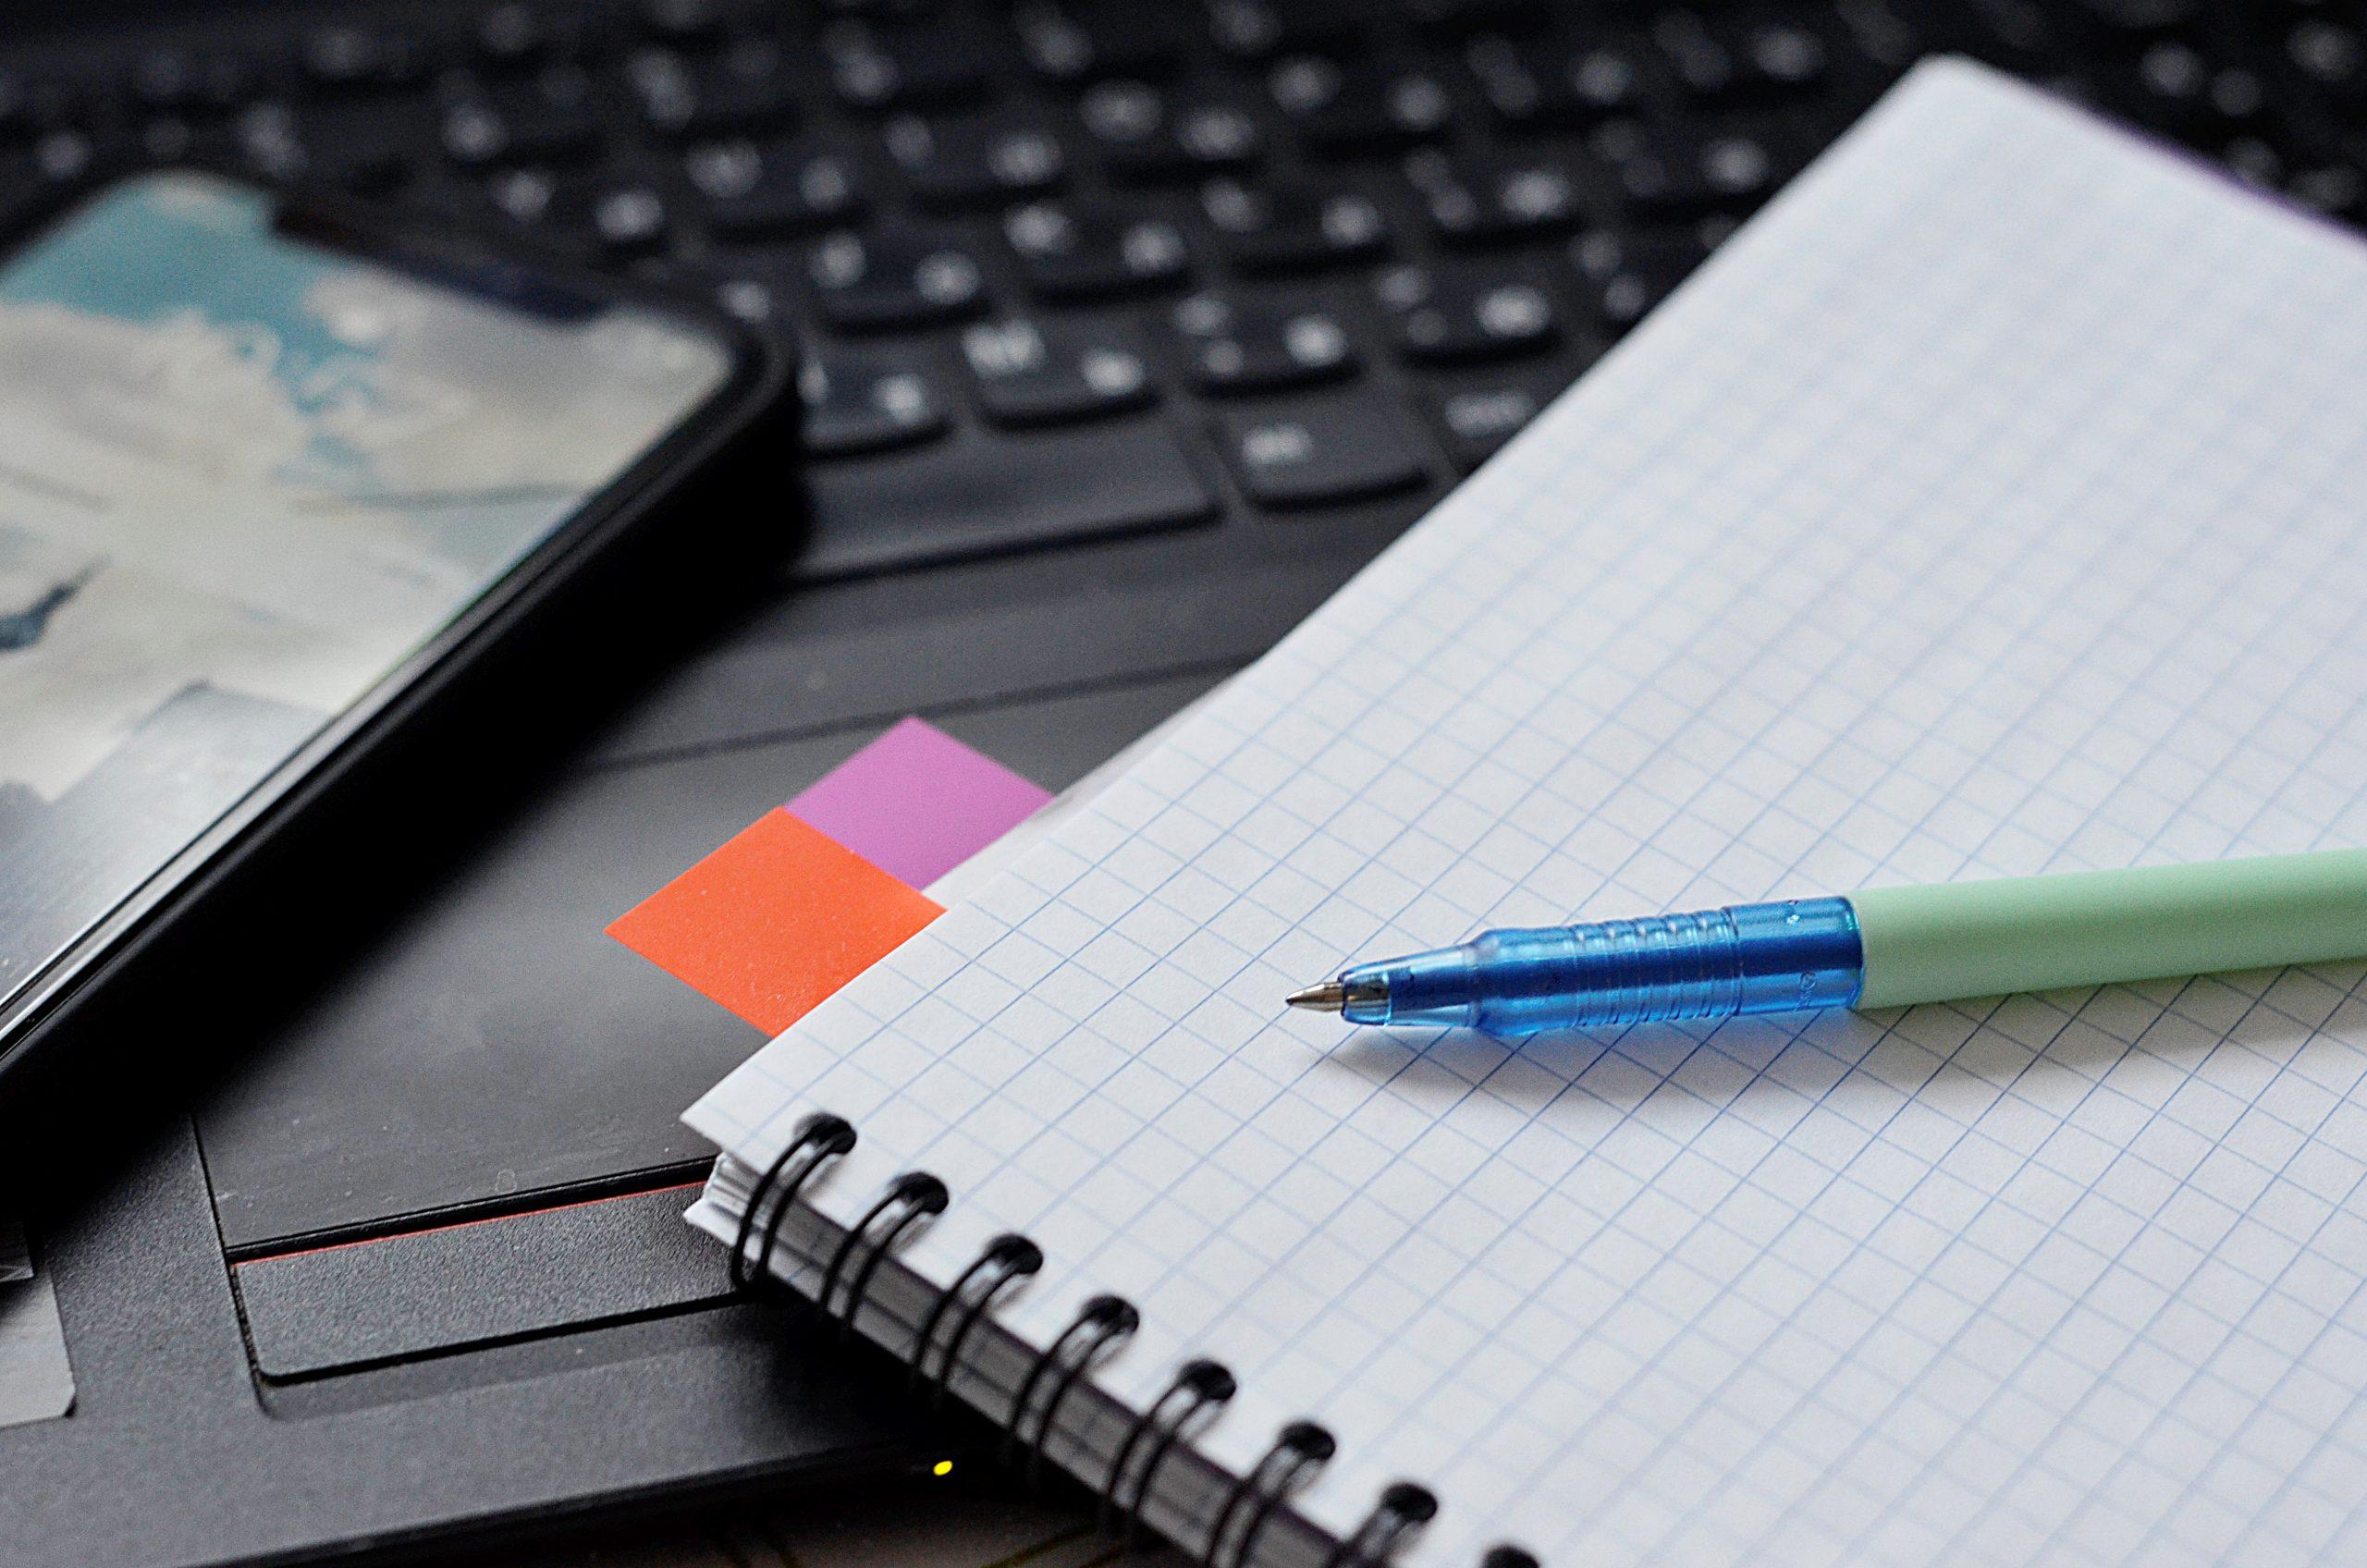 Вебинар об основах комьюнити-менеджмента организуют представители Коворкинг-центра